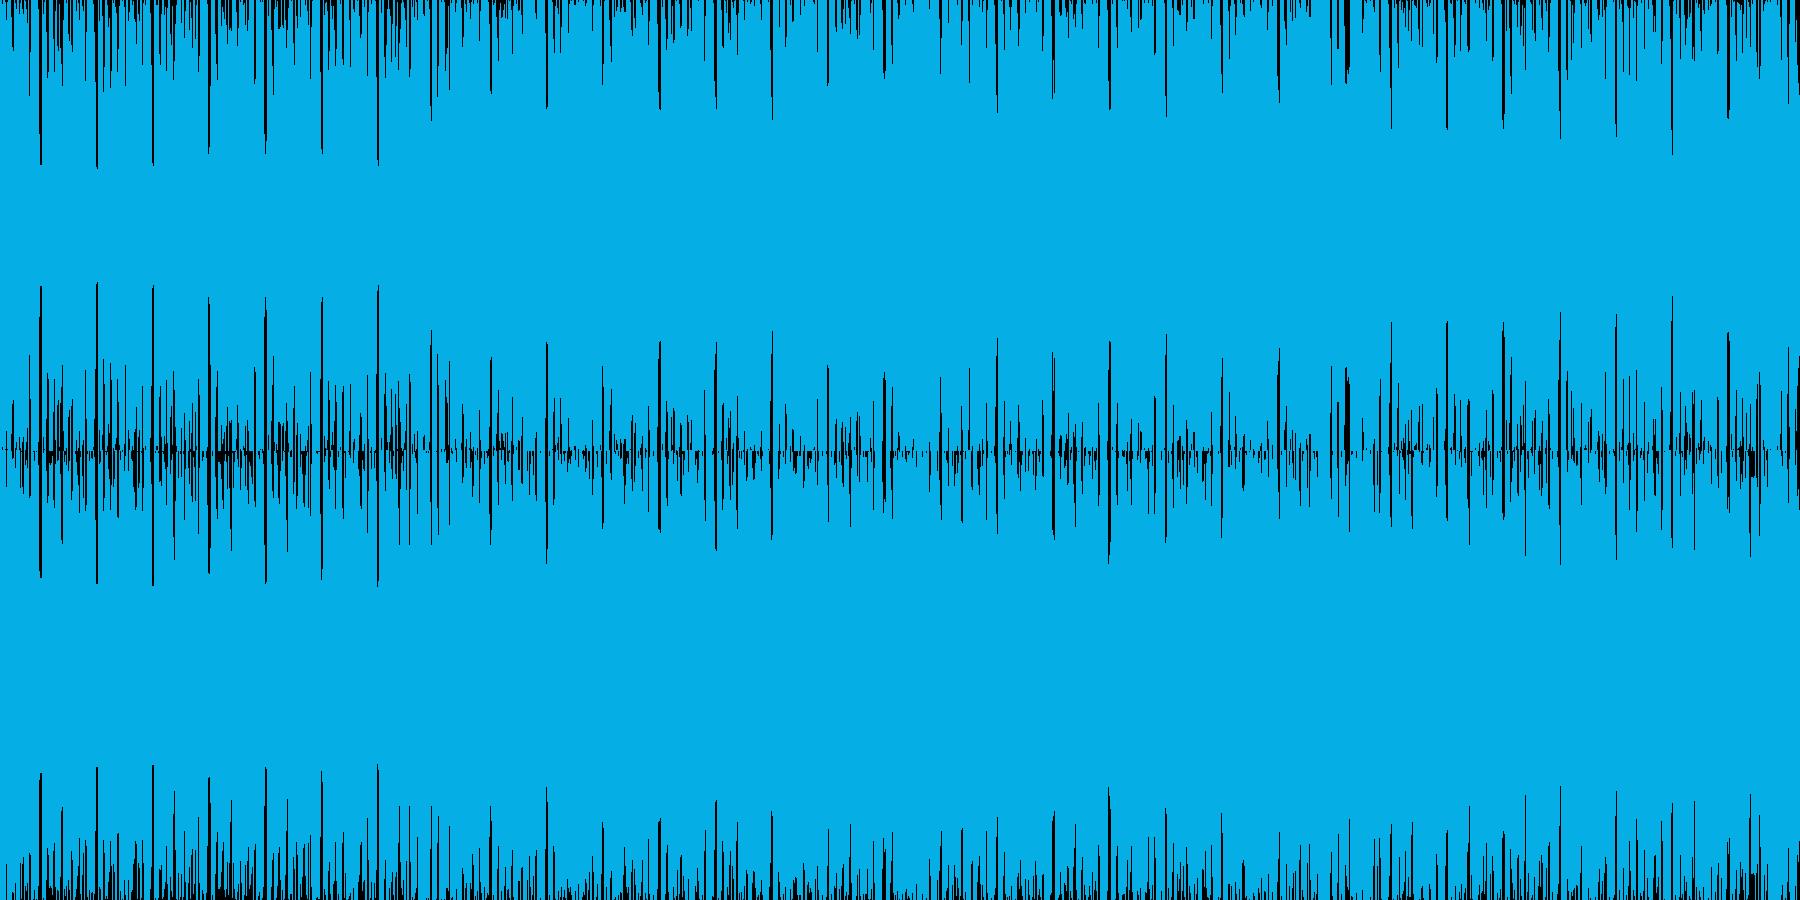 お洒落なEDMループBGMの再生済みの波形